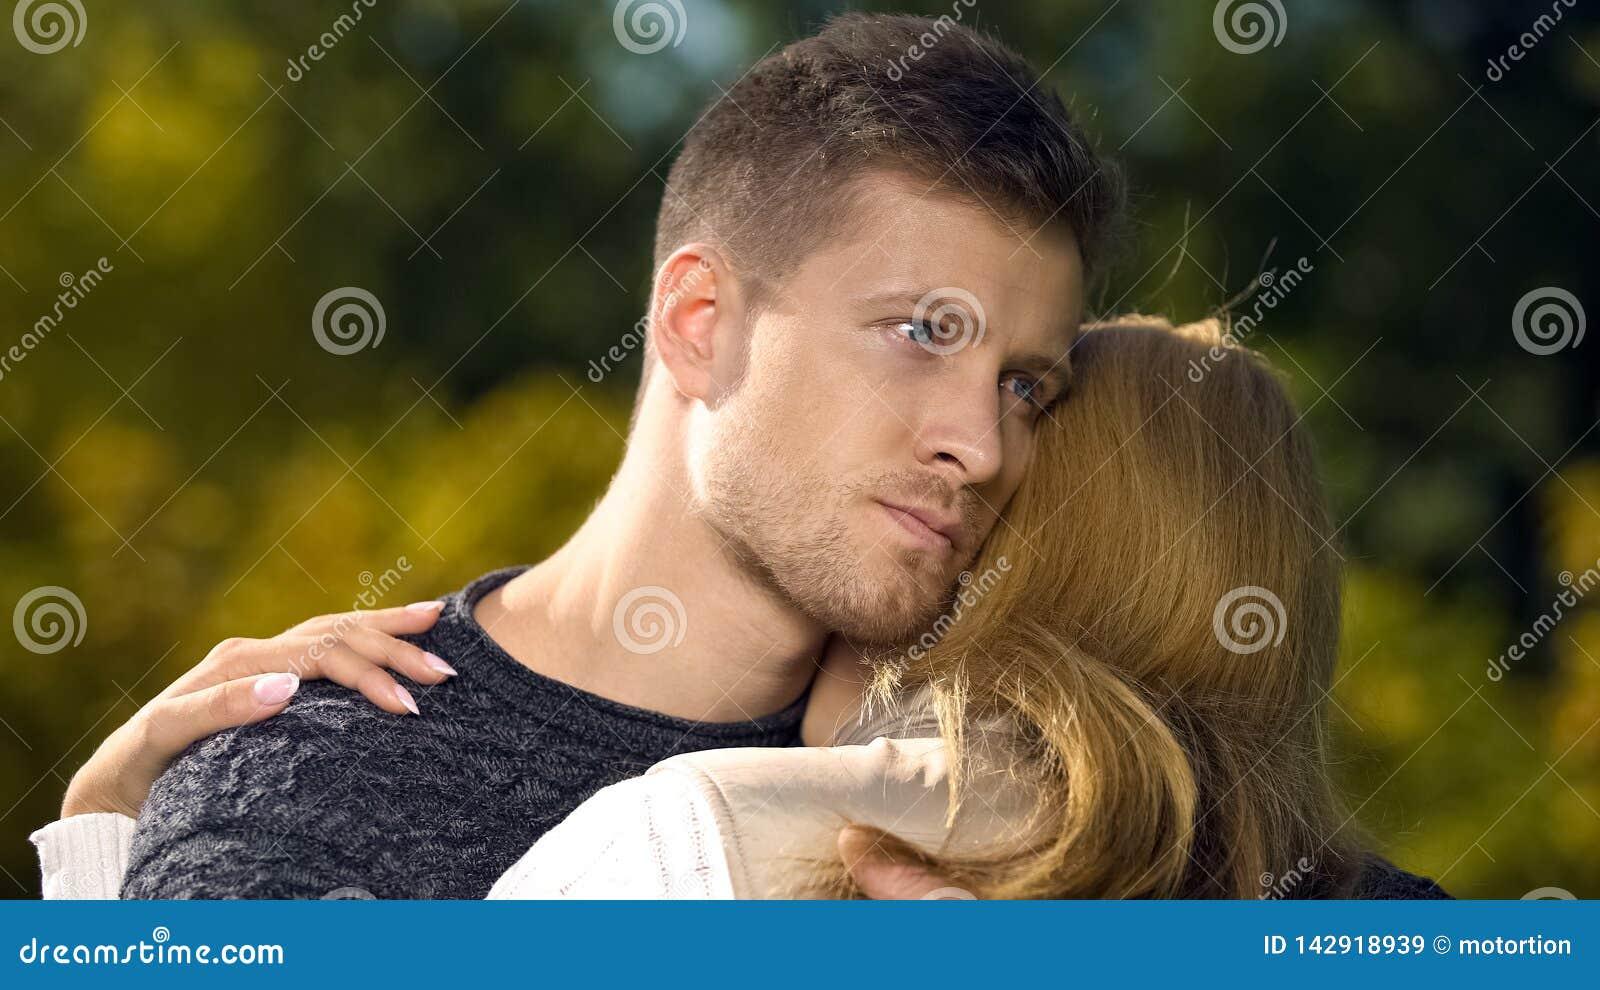 Mujer de abarcamiento del hombre preocupante, apoyando después de pérdida de persona cercana, cuidado